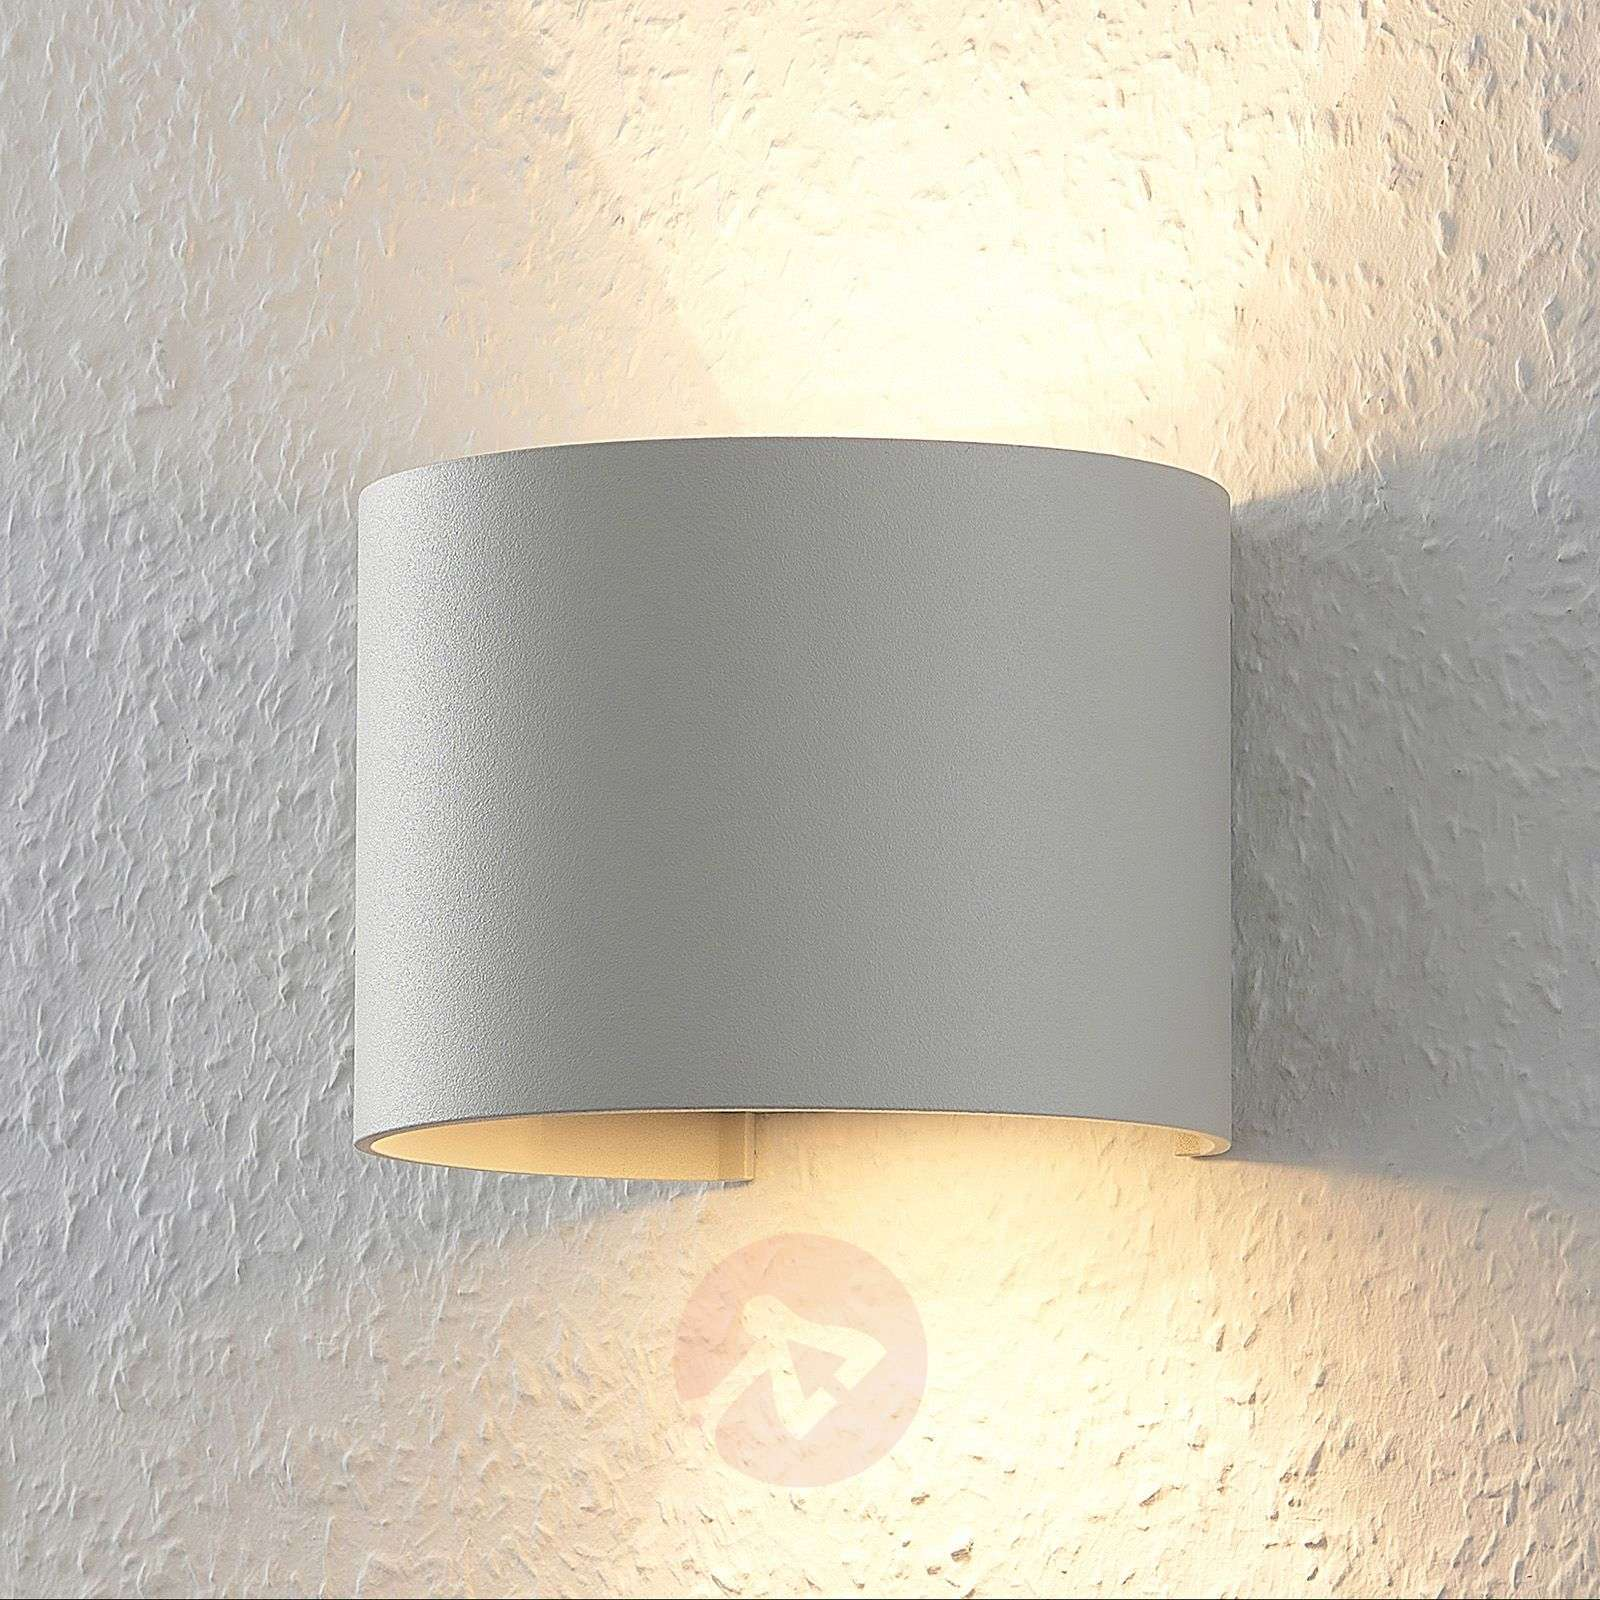 Valkoinen LED-seinävalaisin Zuzana, pyöreä